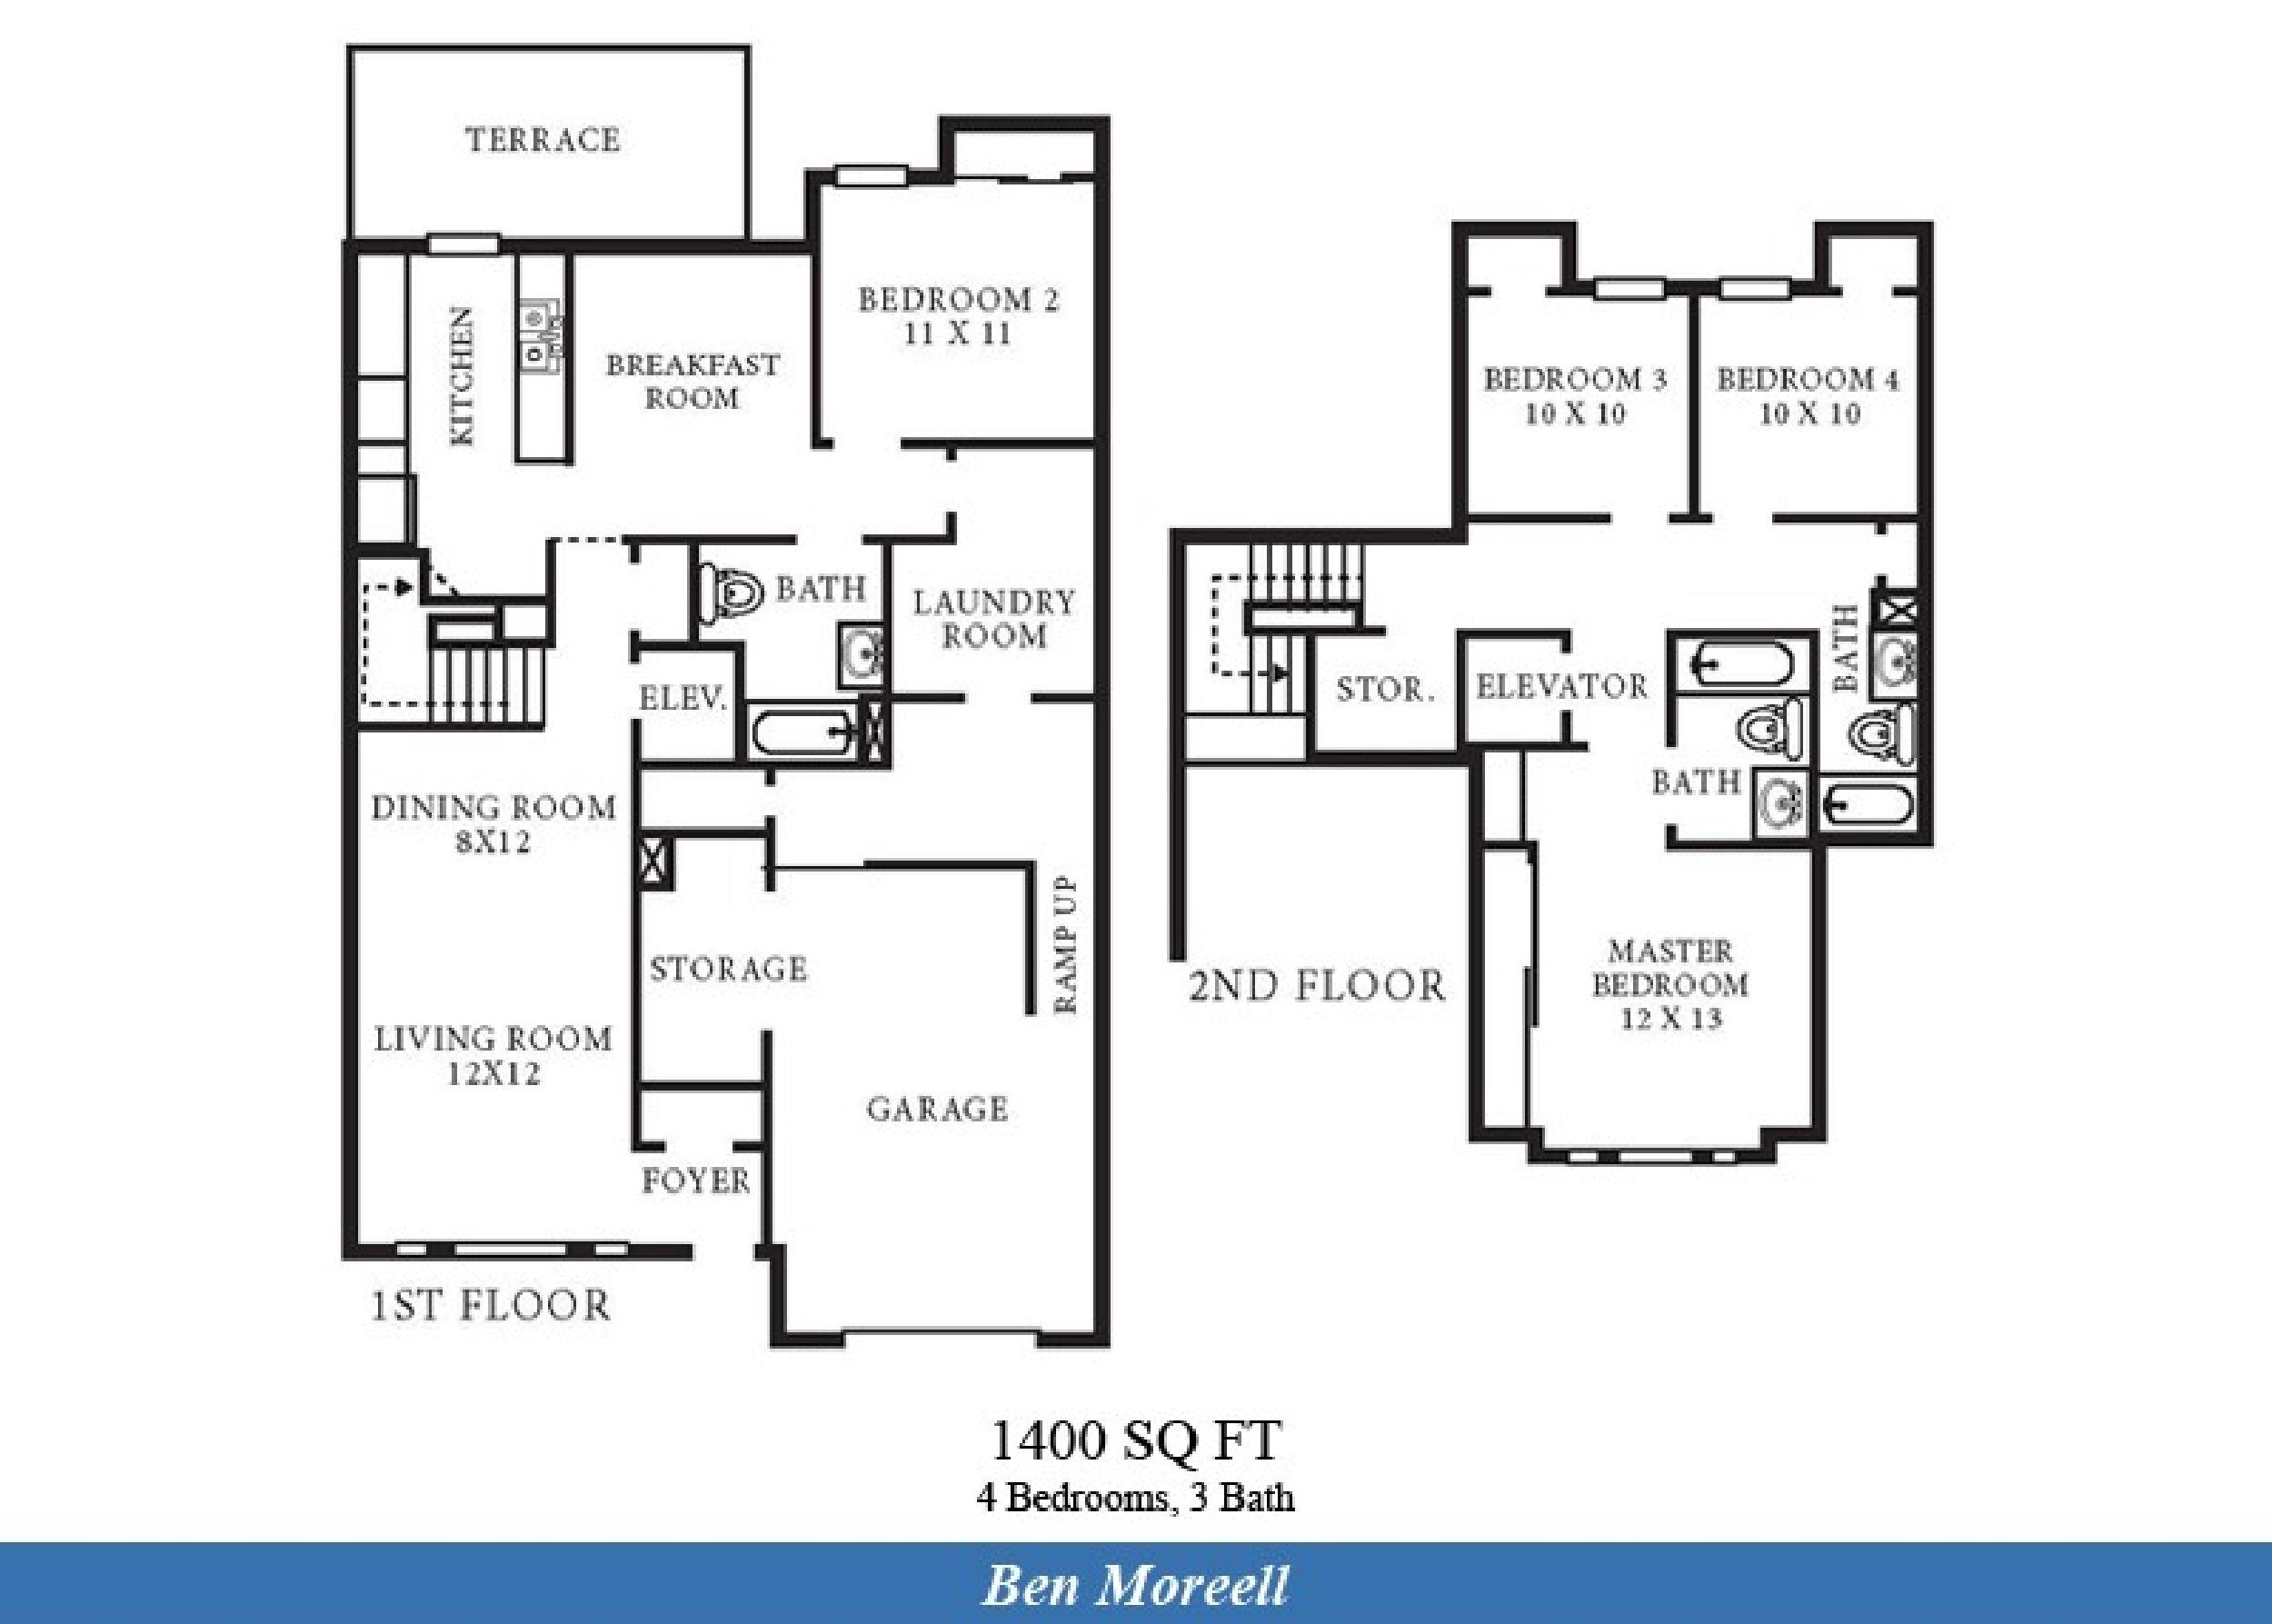 Ns norfolk ben moreell neighborhood 4 bedroom 3 bath for 1400 sq ft floor plans